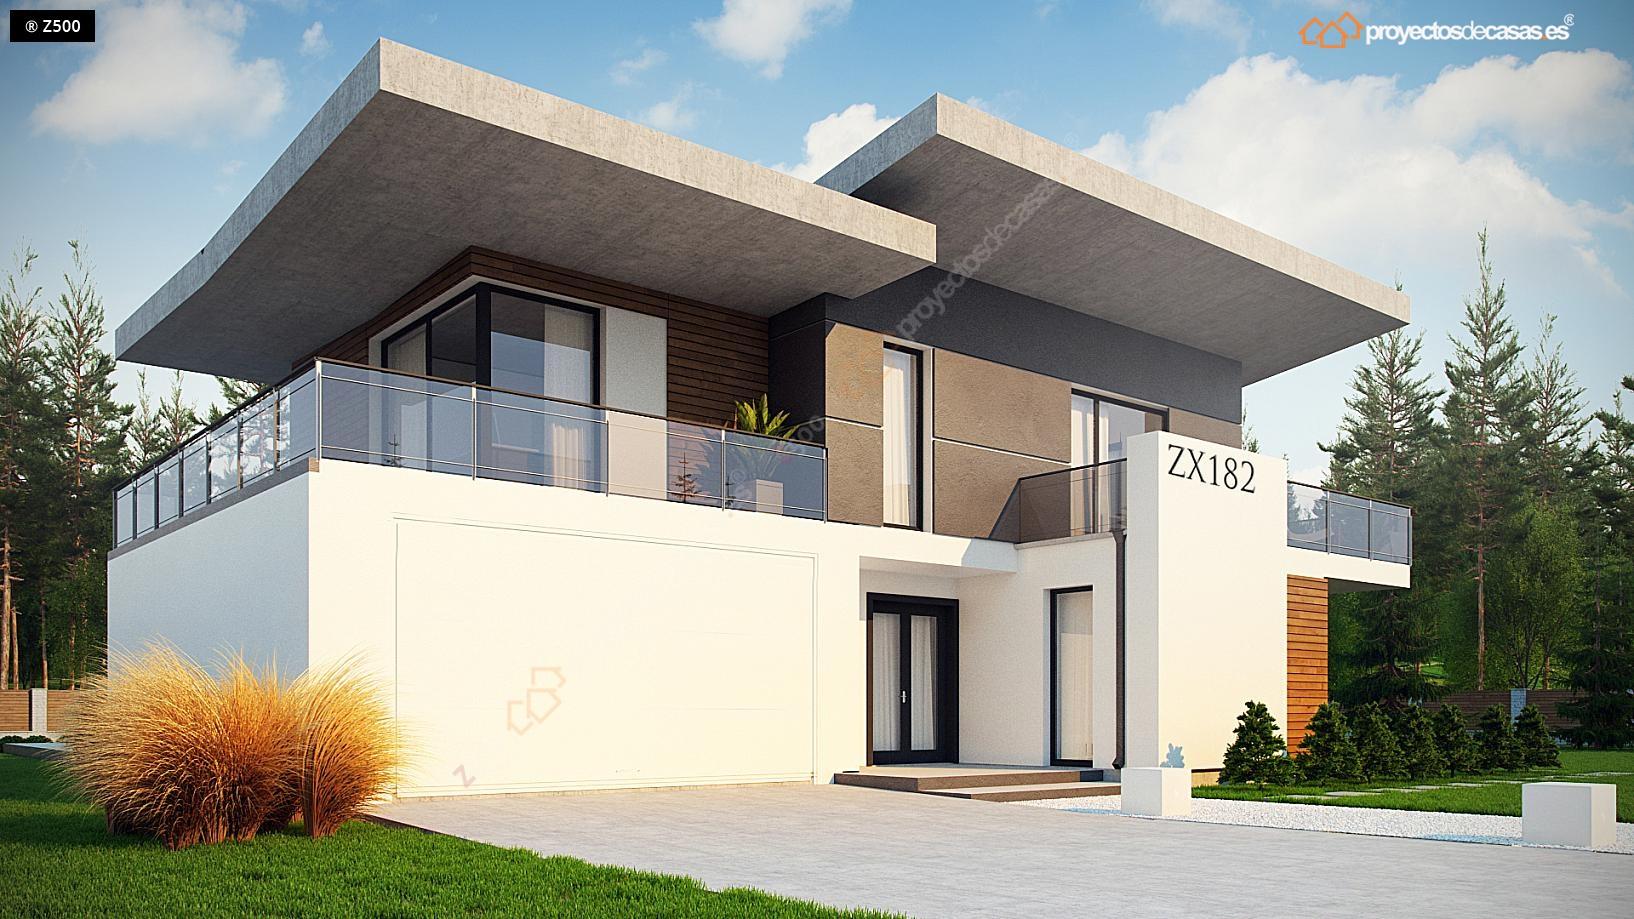 Proyectos de casas casa de lujo con piscina for Casa de diseno guadalajara